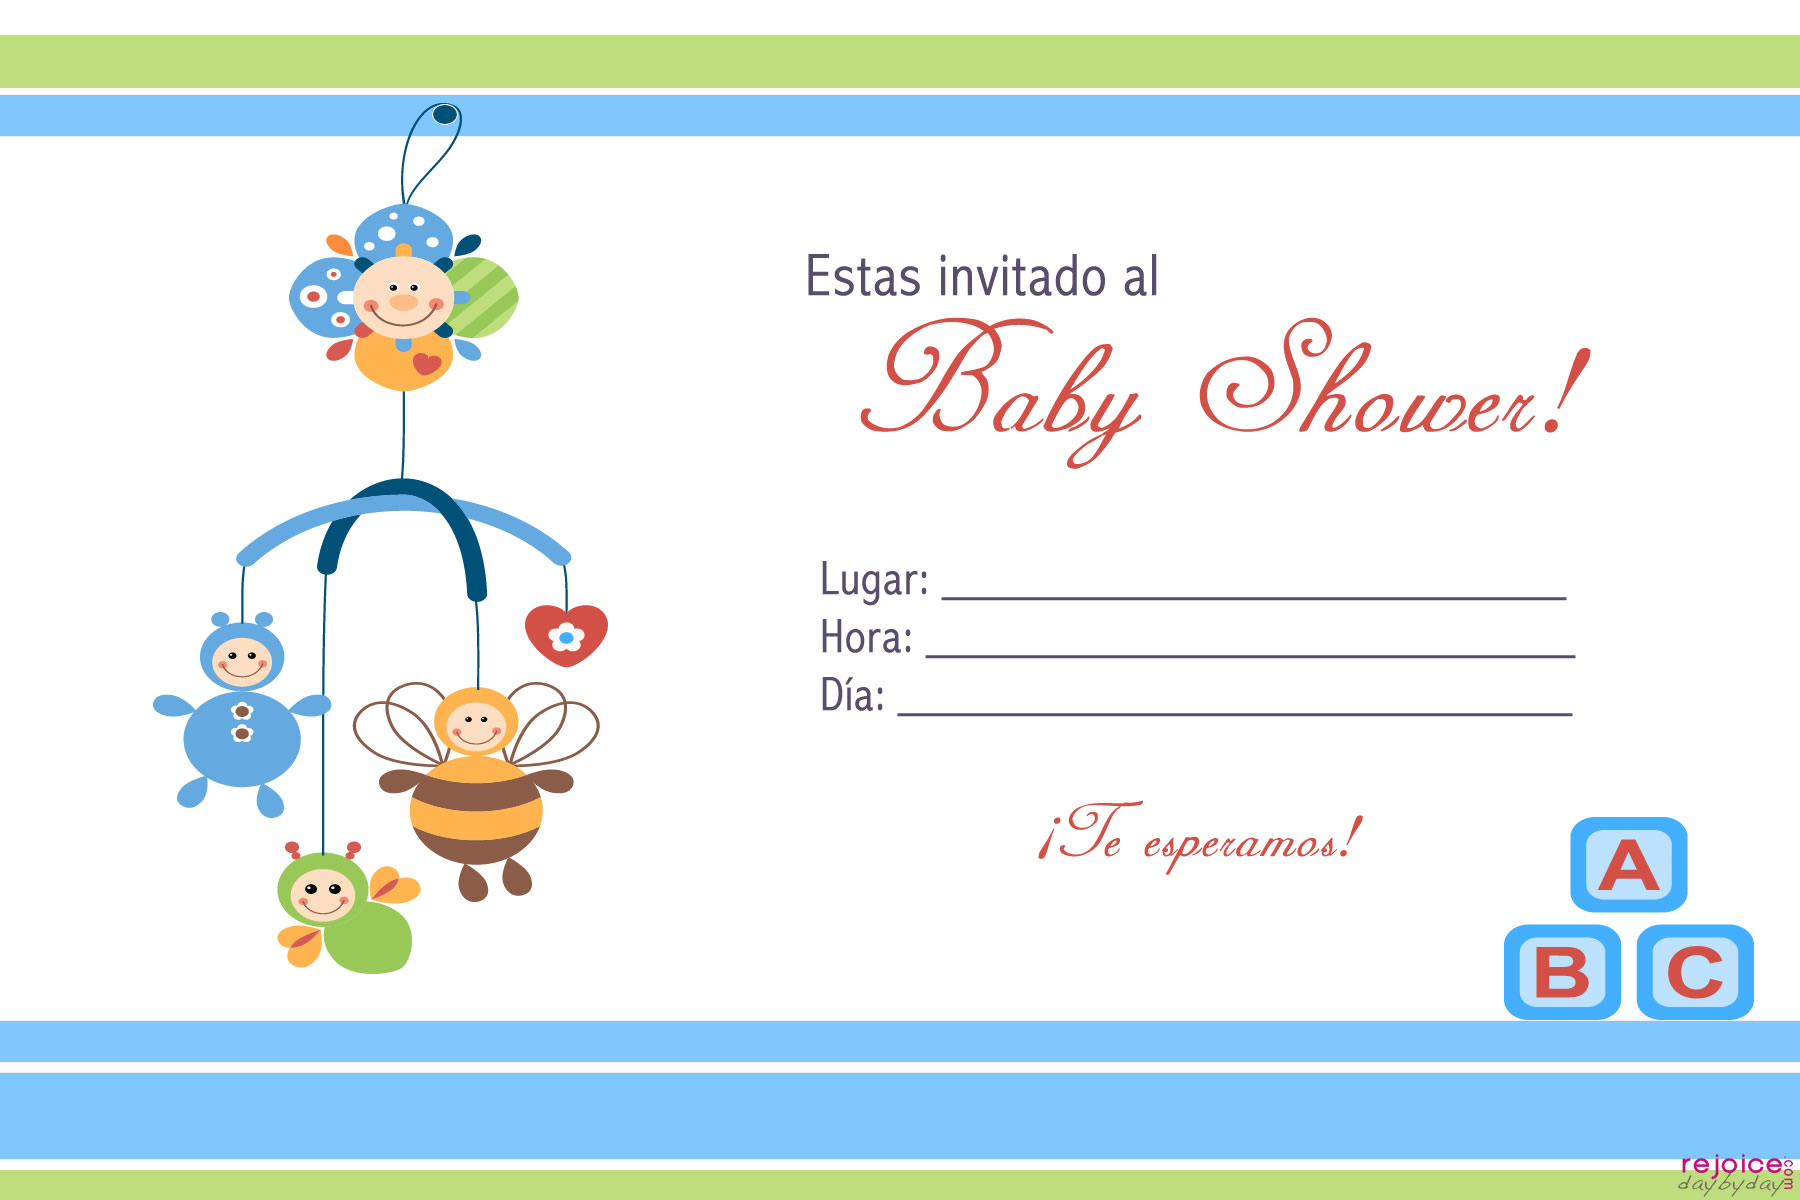 frases para invitaciones baby shower invitaciones para baby shower